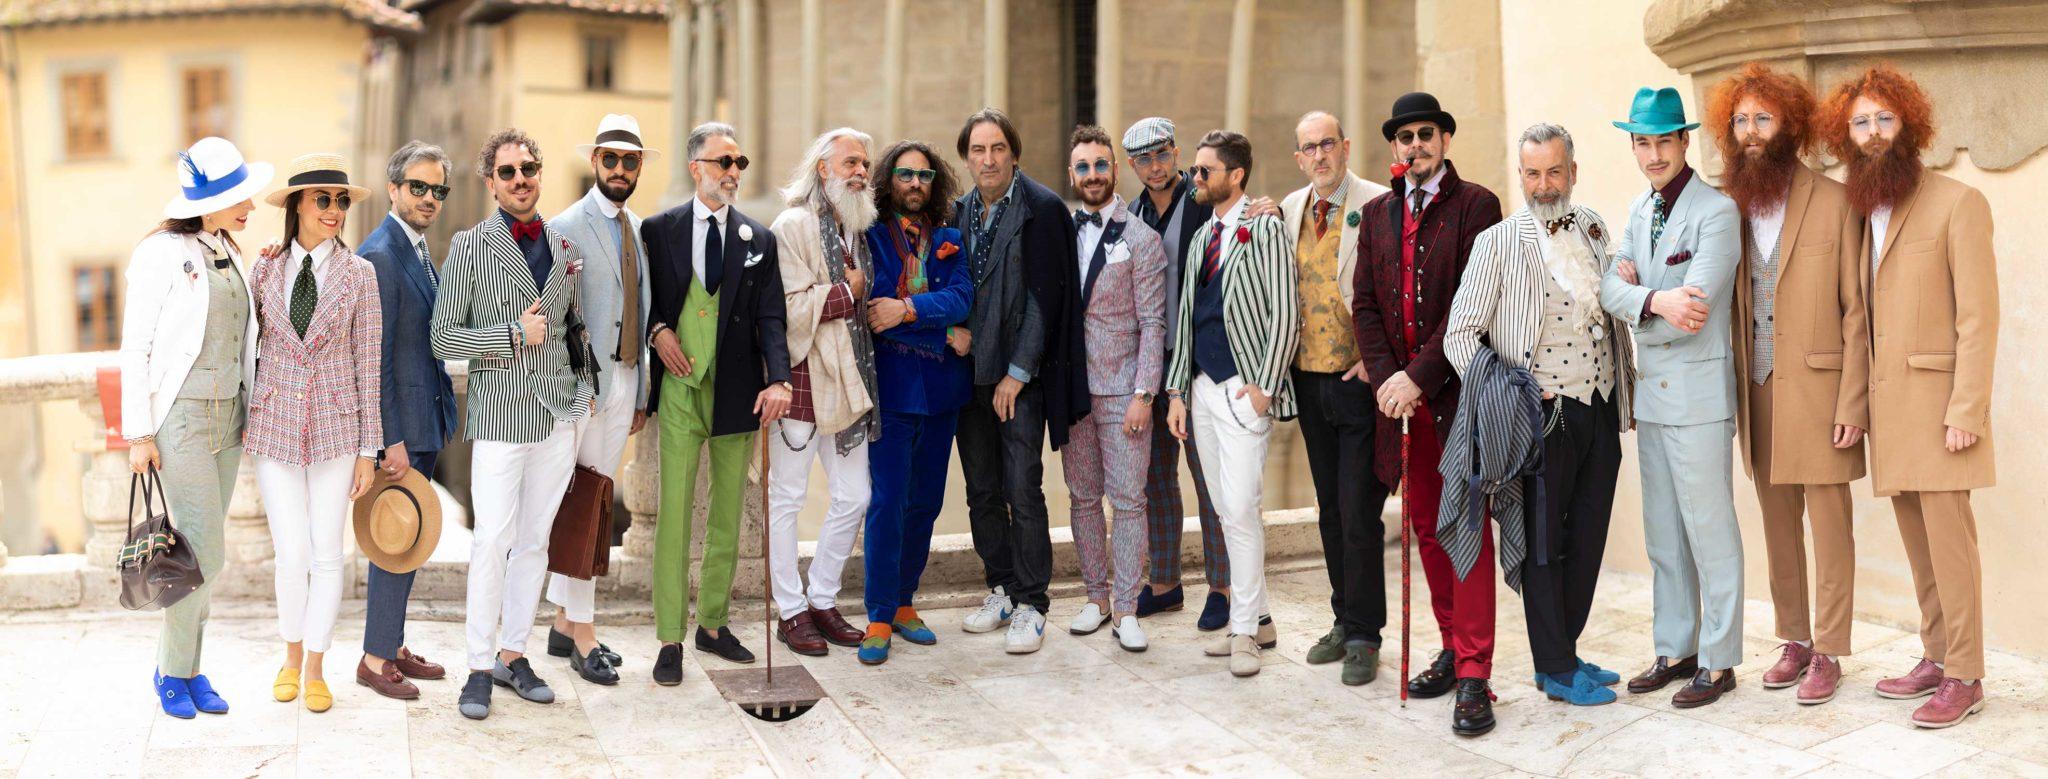 Gruppe von sehr modisch gekleideten Menschen. Dandy Style, bei den Dandy Days in Arezzo Italien, auf der Terrasse an der Piazza Grande, Portraits, Potrait, Gruppen Portrait, Ernst Merkhofer, Portraitfotograf Photographer, Fashion, Portfolio.